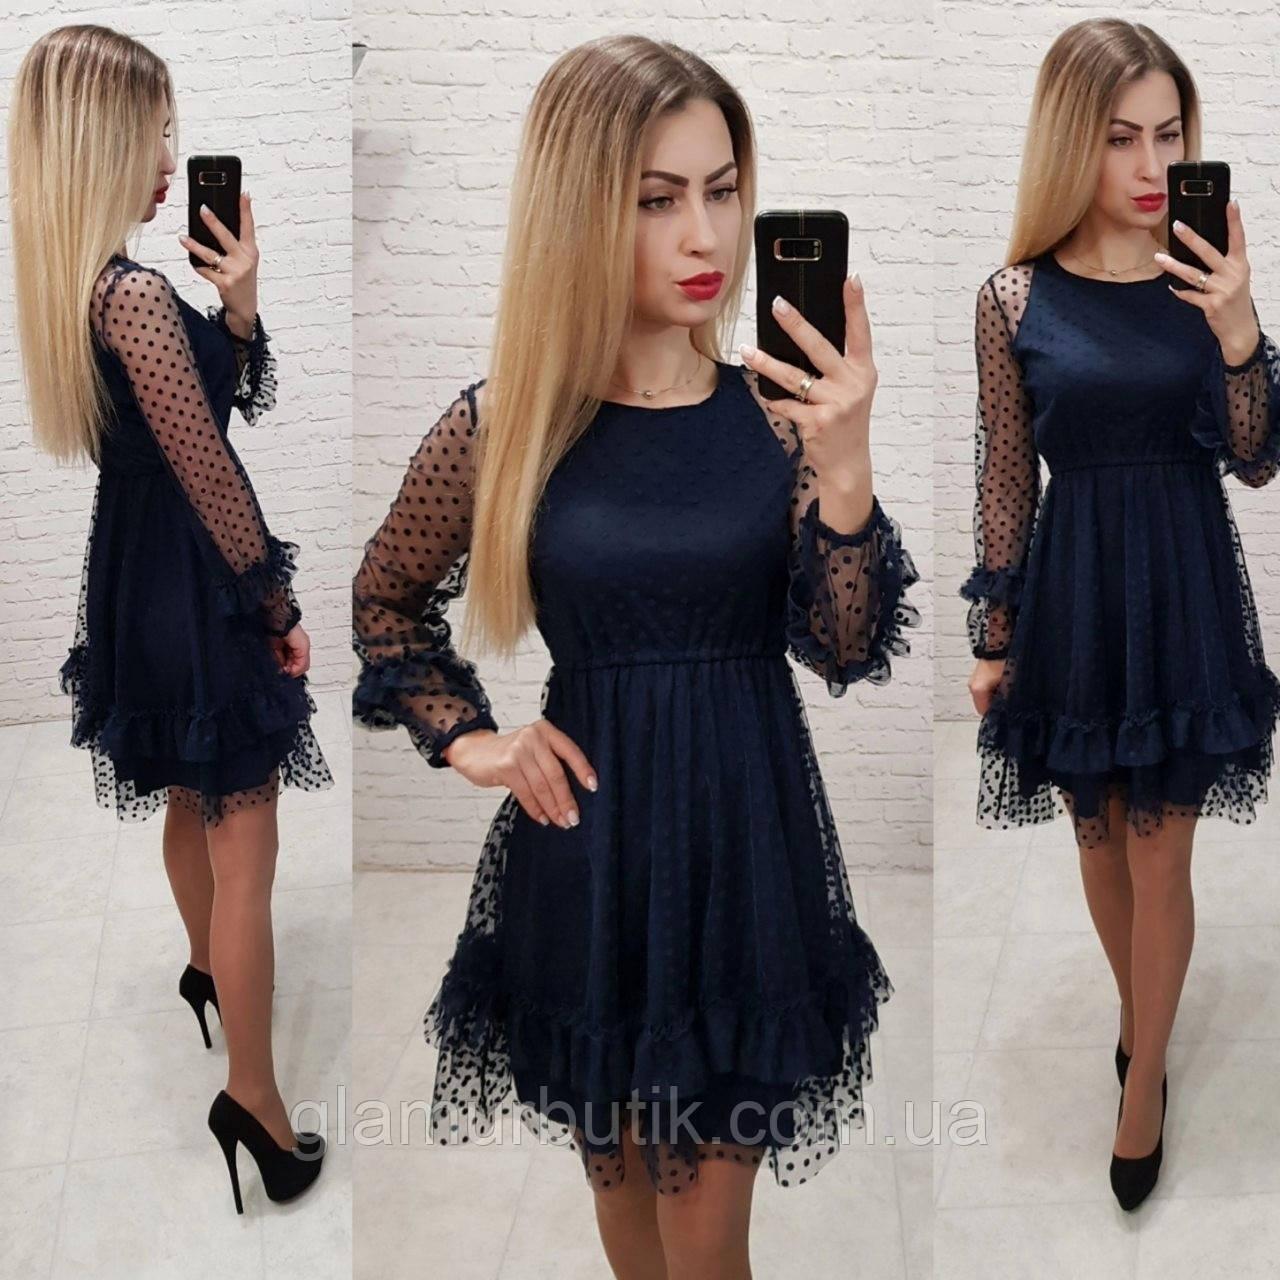 3cb57f1bea7 Красивое нарядное выходное вечернее платье с рассклешенной юбкой и фатином  синее 42 44